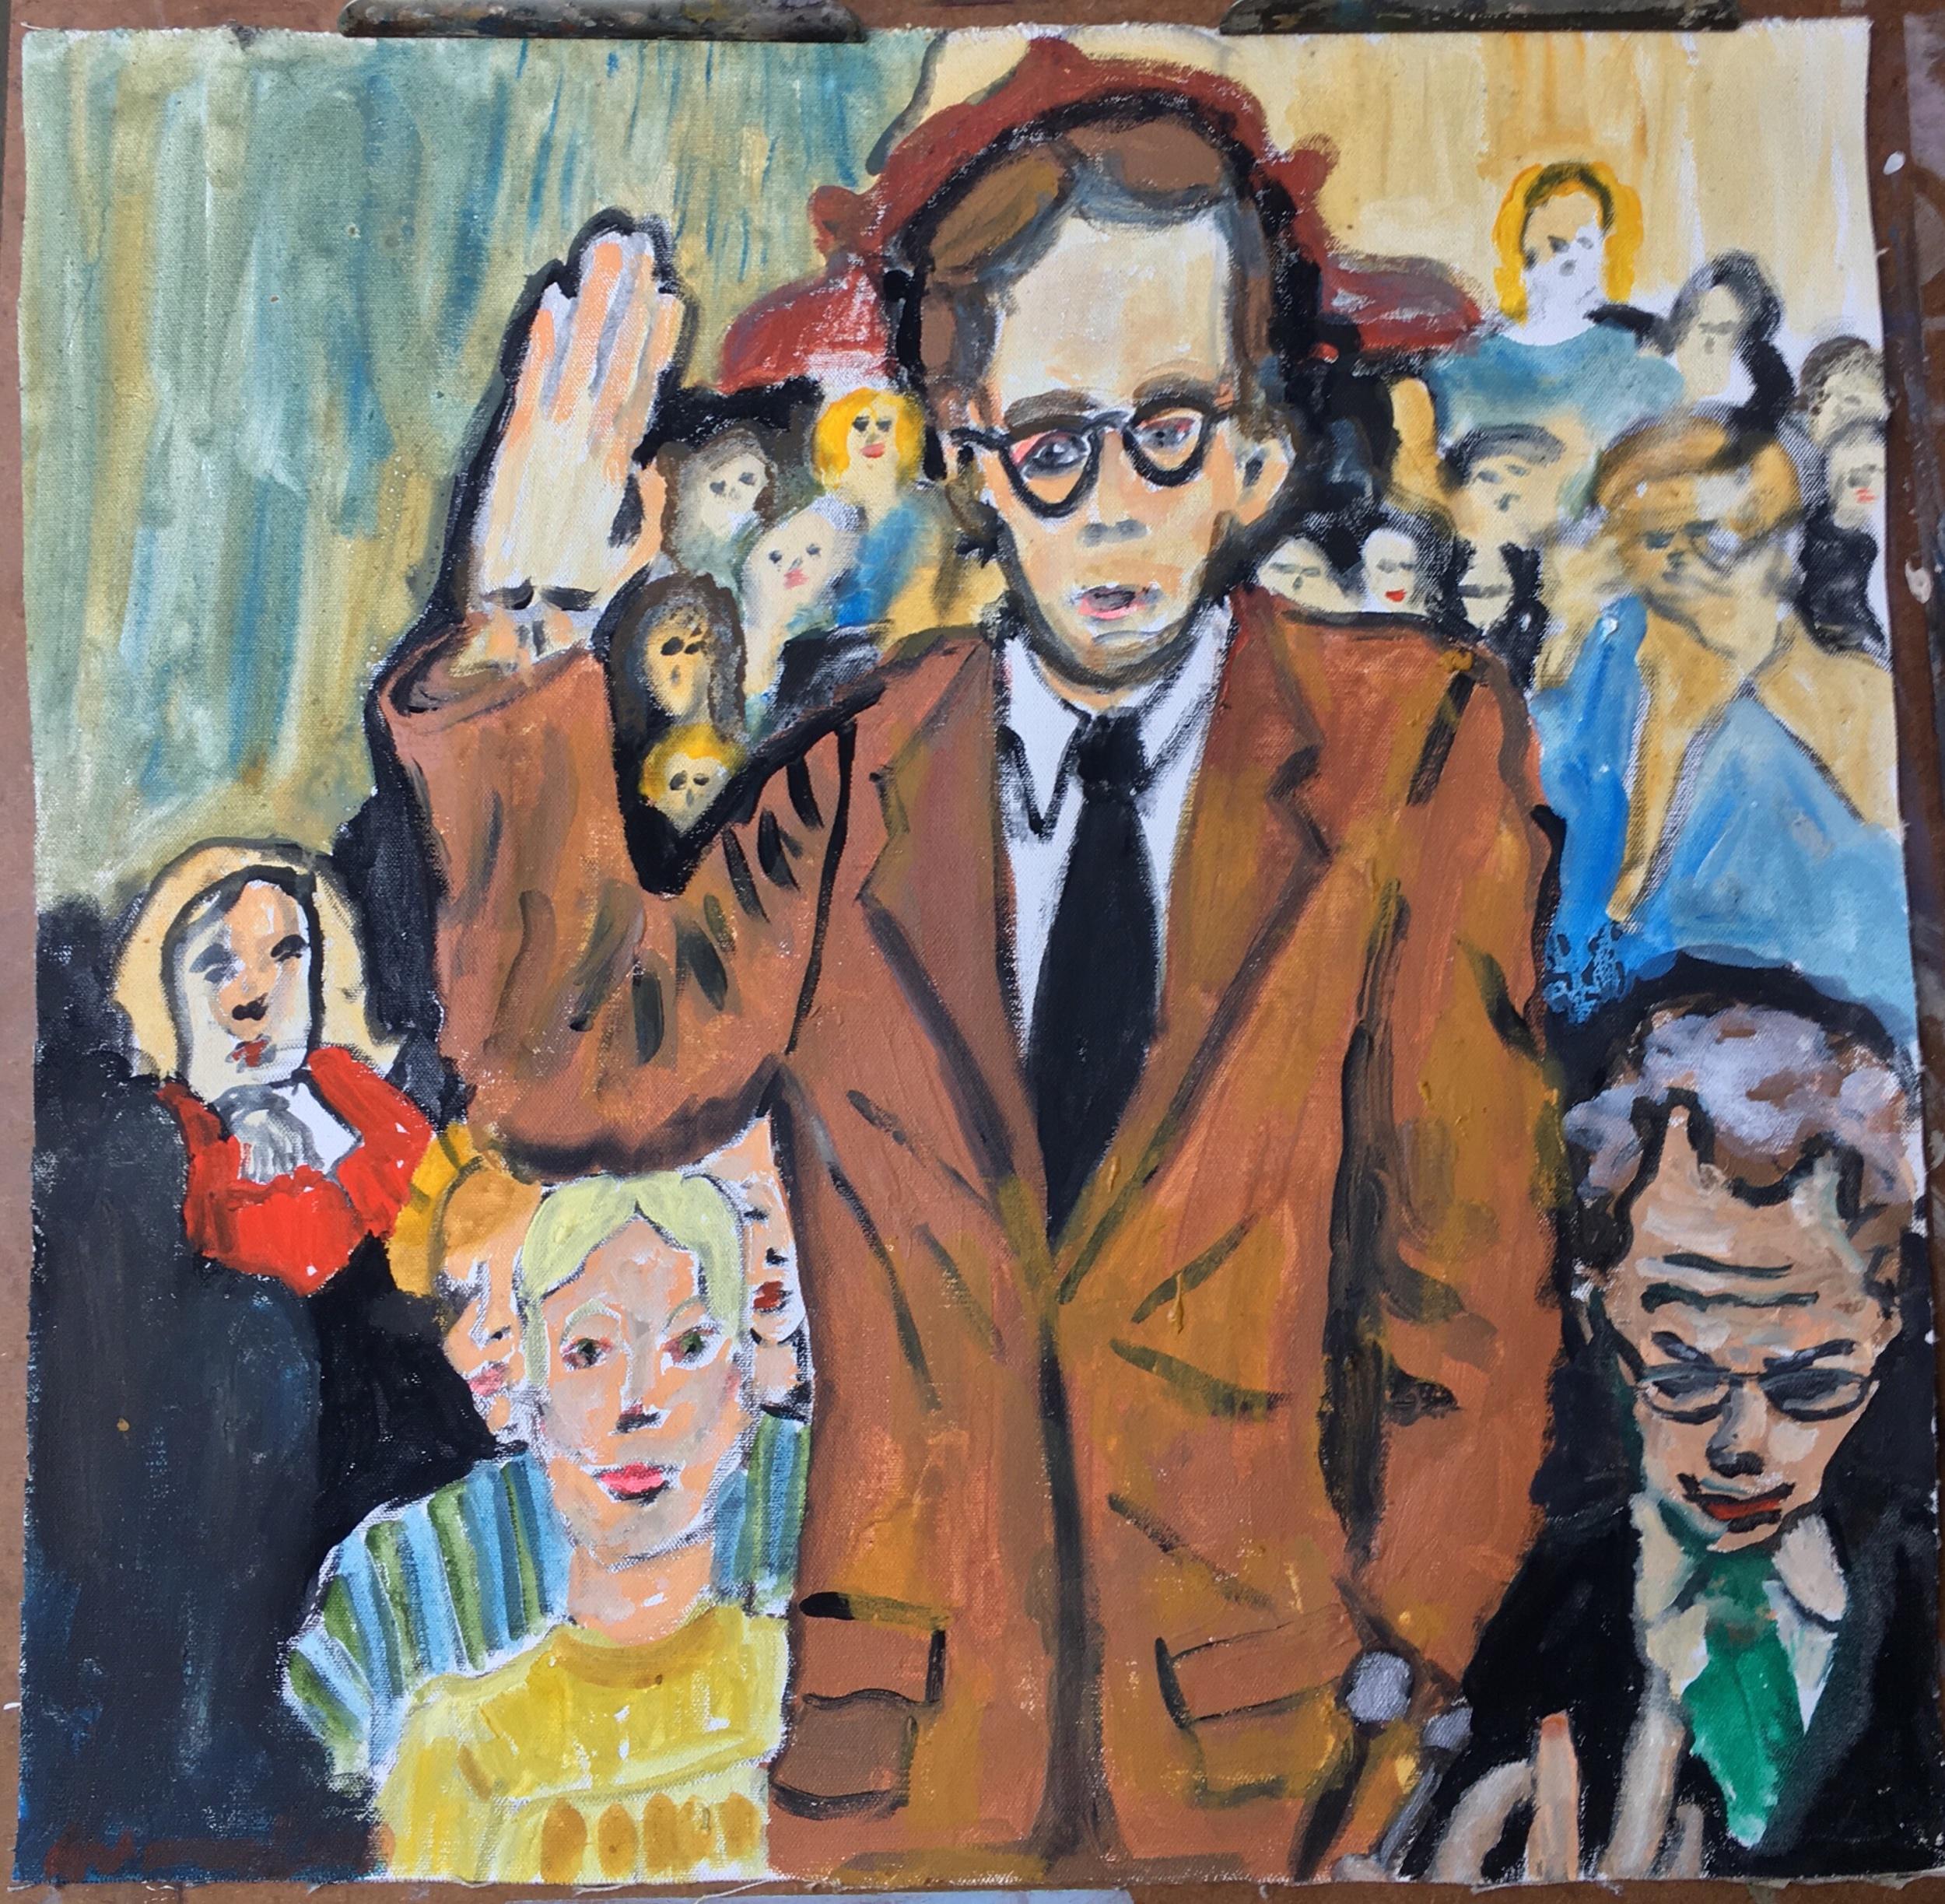 """Ami Tallman, John Dean, gouache and oil on canvas, 7"""" x 8"""", 2019  Available. Contact regarding exhibition or sale."""